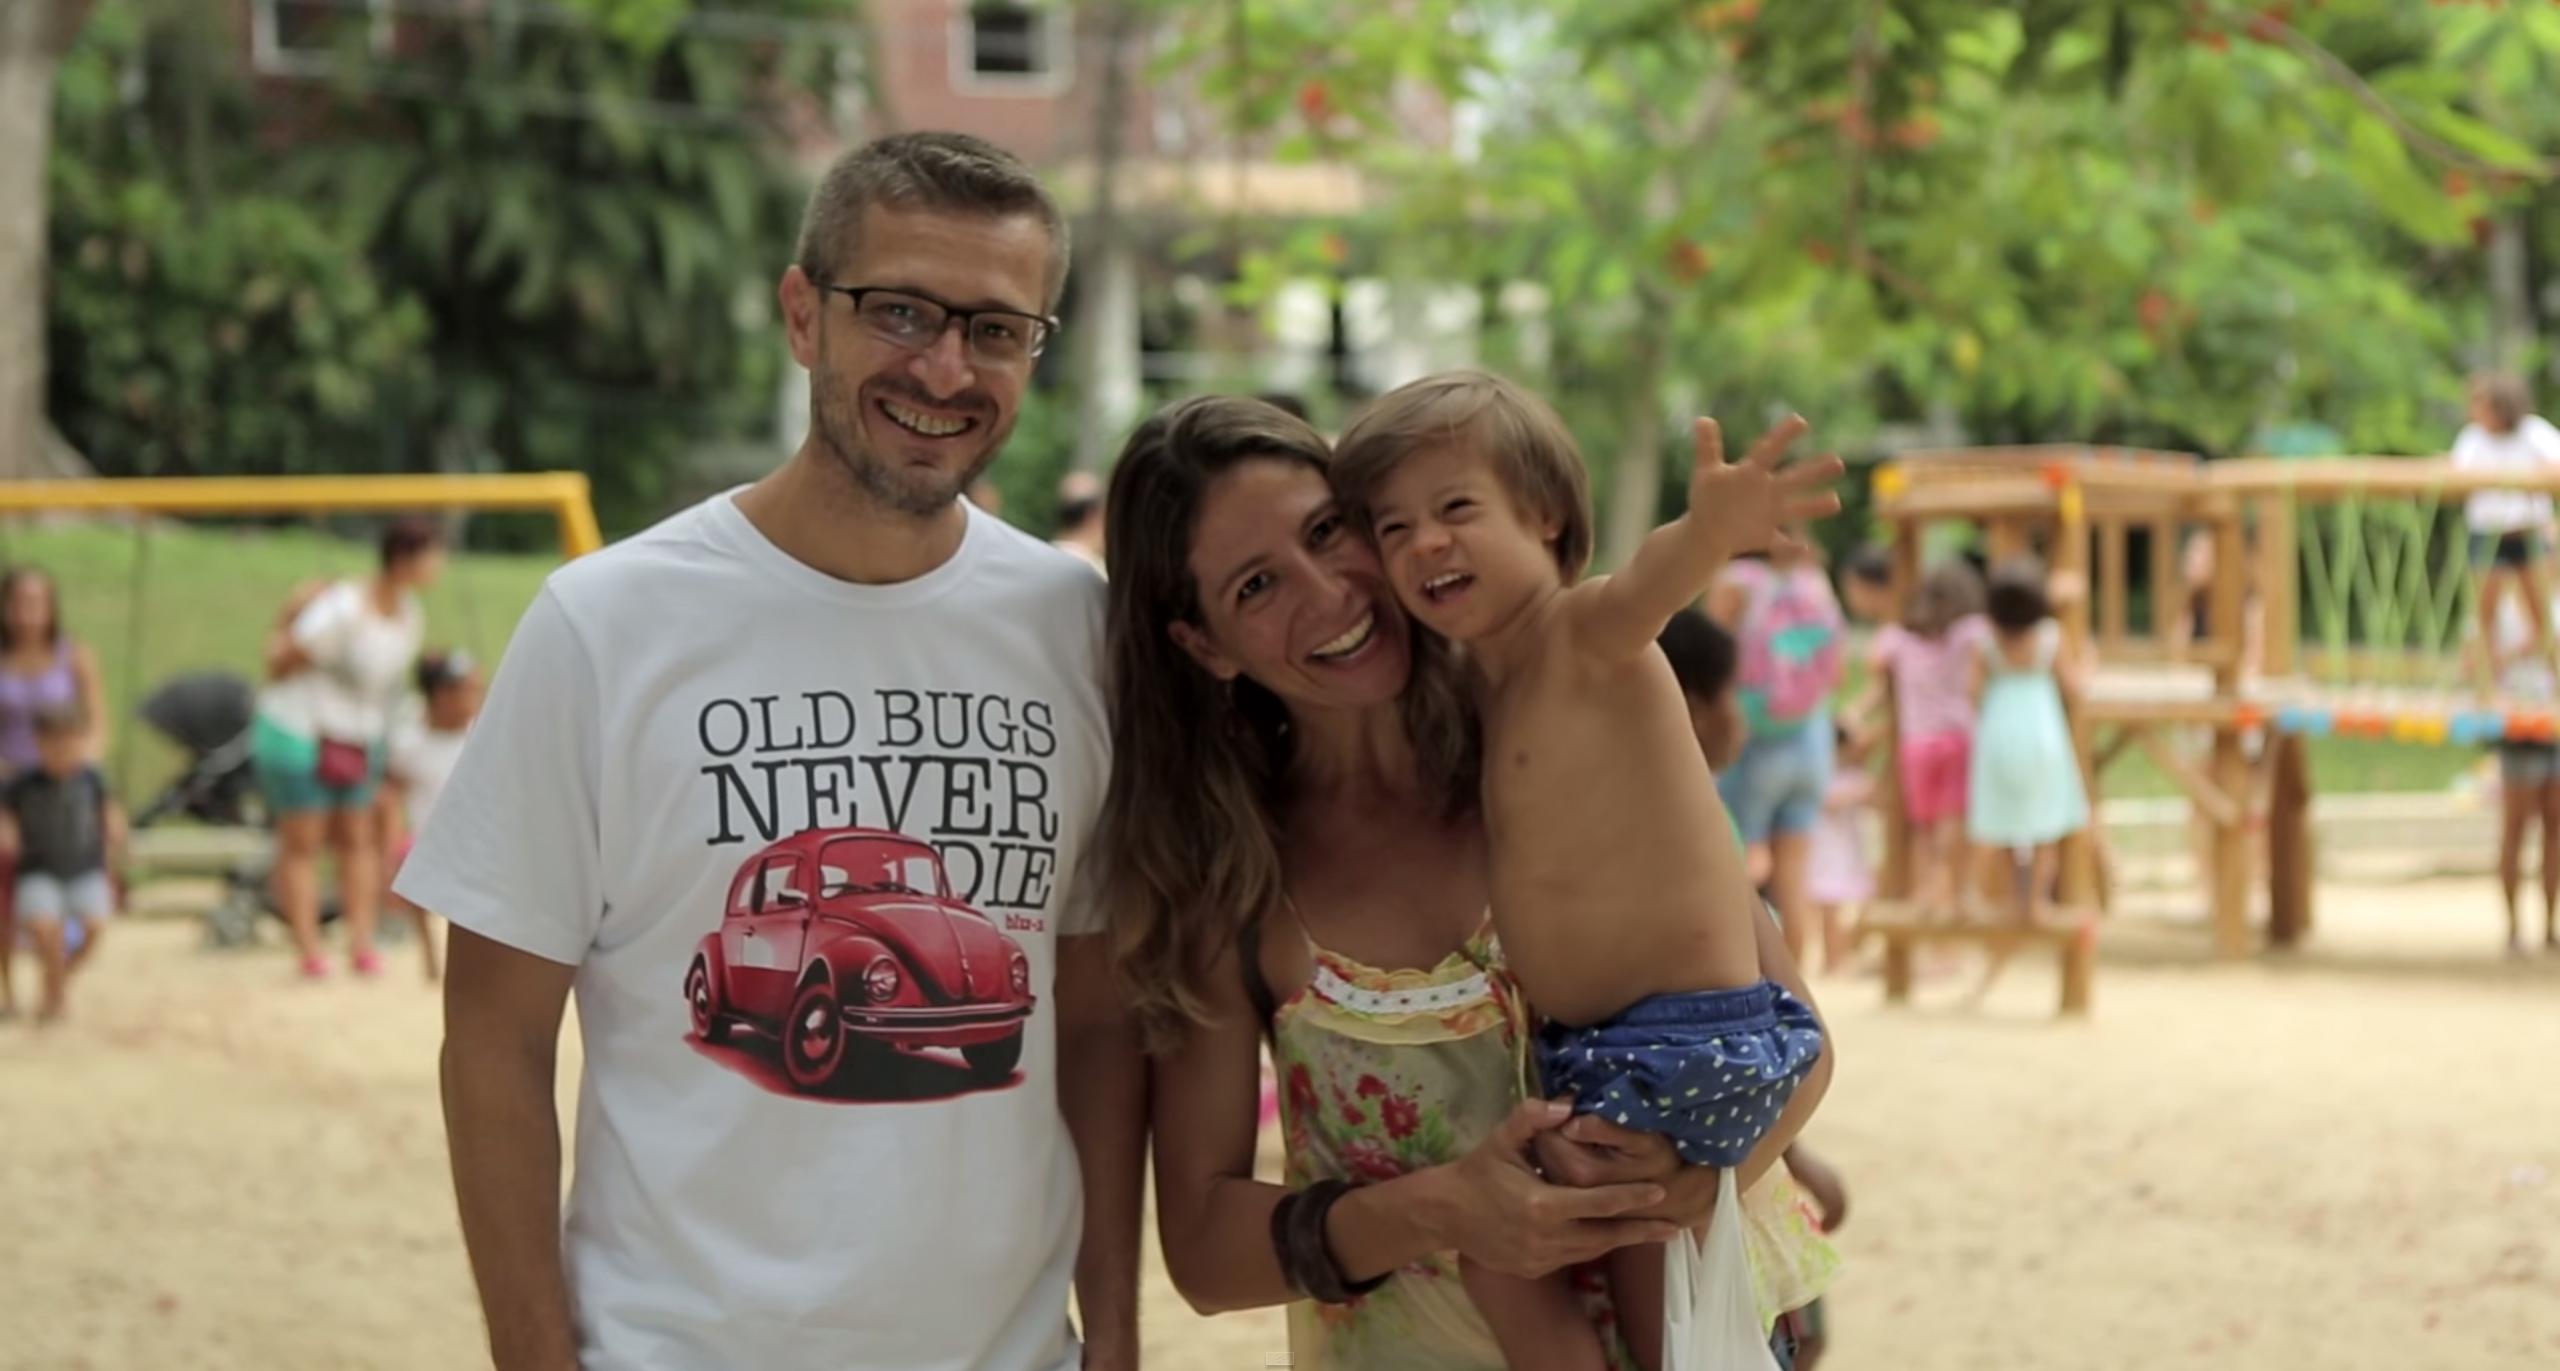 Pai, mãe e filho com síndrome de Down posam para a foto. A mãe segura o filho no colo enquanto ele acena para a câmera..